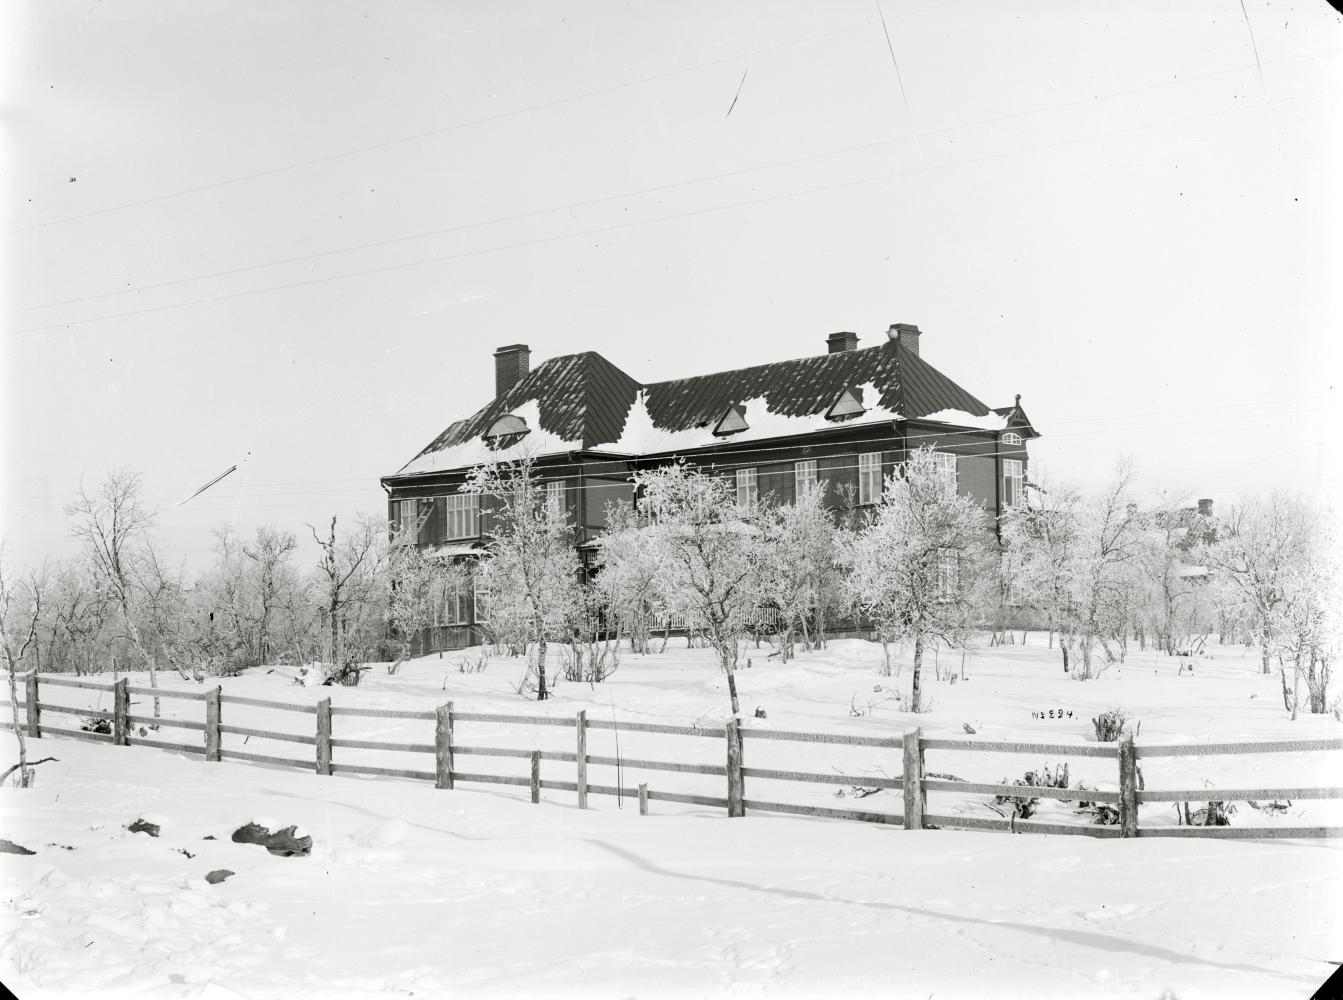 Bolagshotellet Kiruna vintertid.